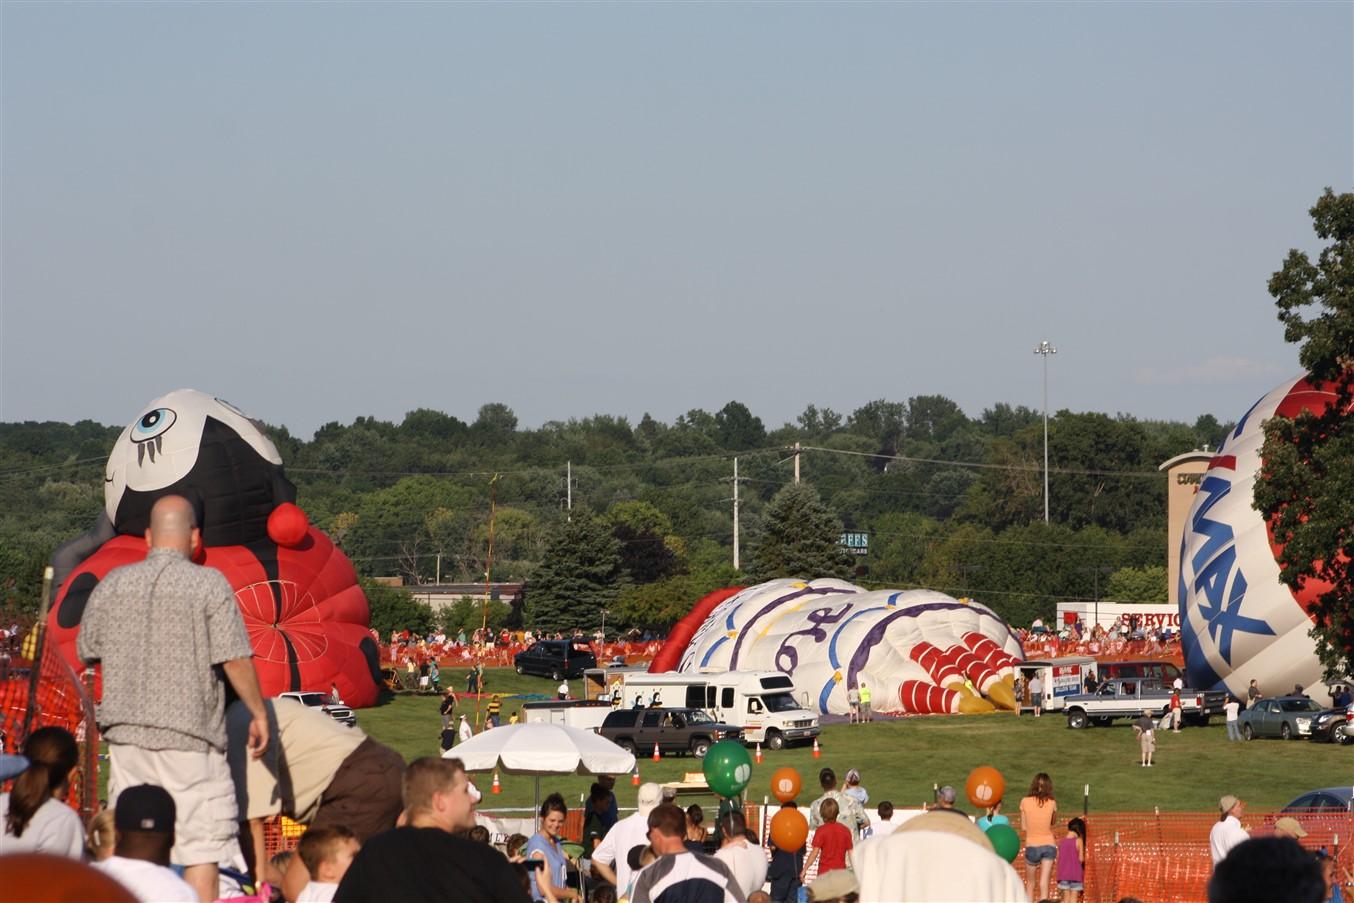 2011 07 30 Canton Hot Air Balloon Festival 8.jpg